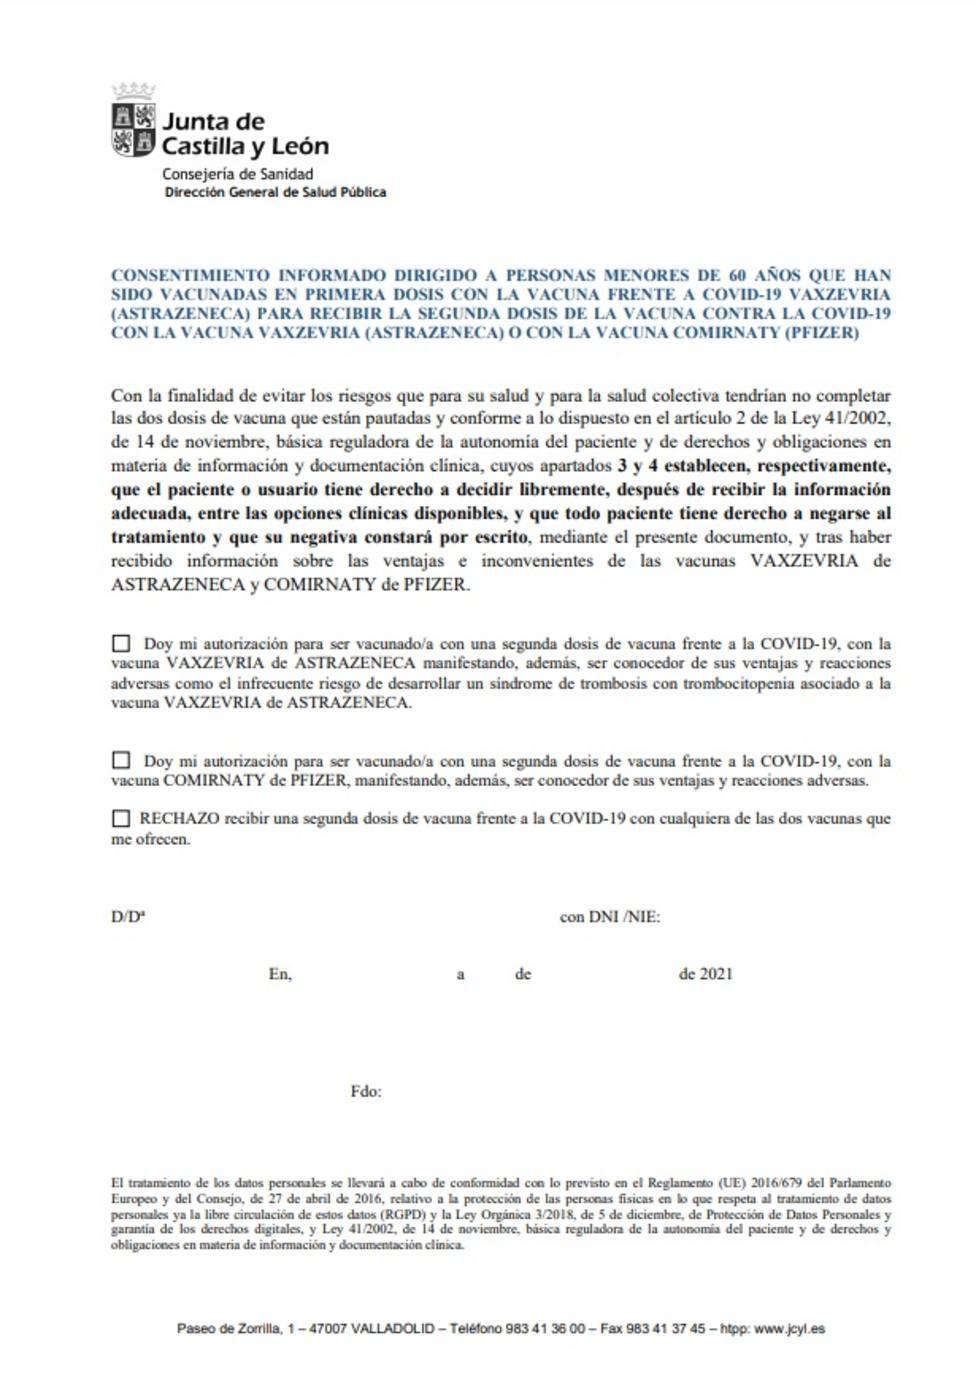 Consentimiento Informado de la Junta CyL